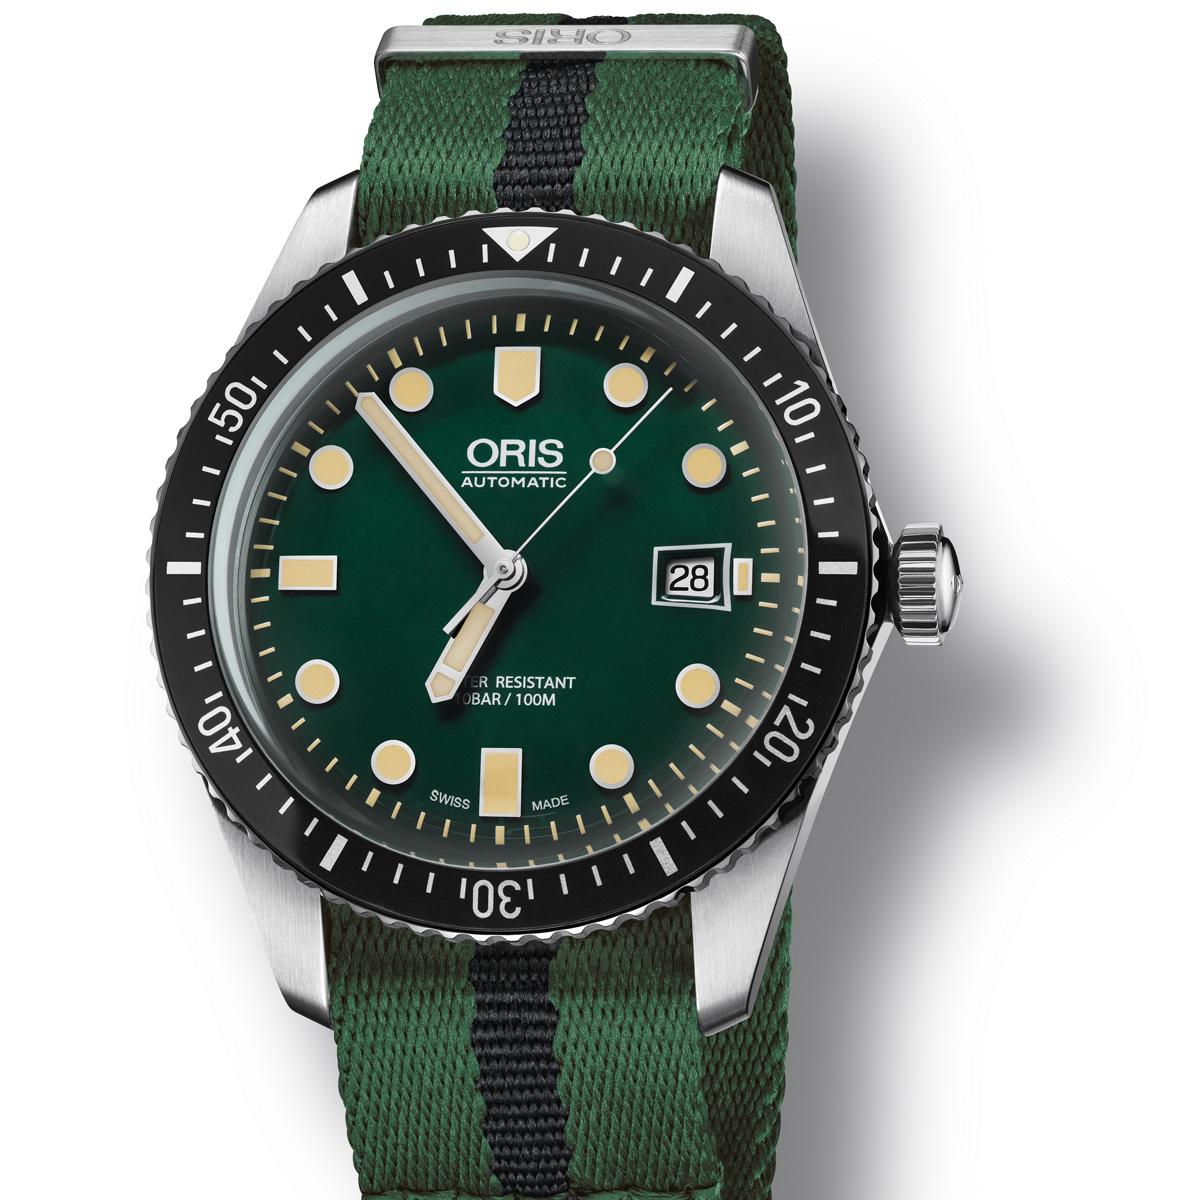 Oris-watches